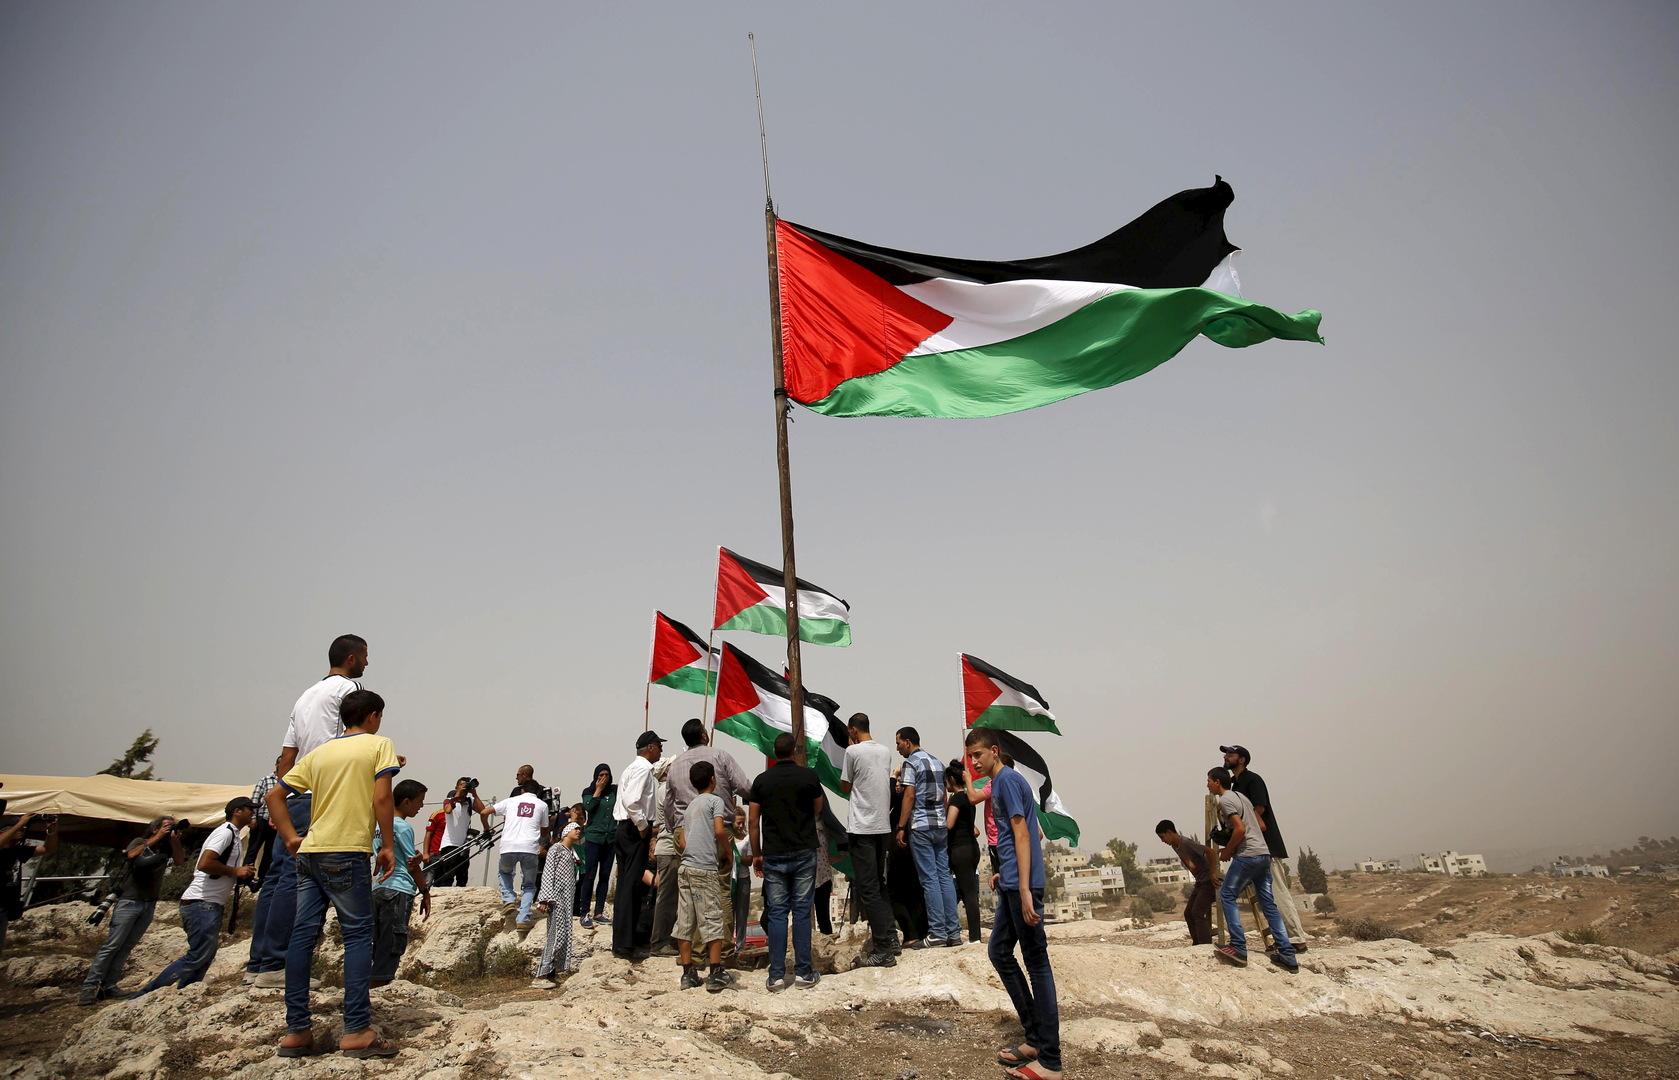 مقتل شاب فلسطيني متأثرا بجراحه برصاص الجيش الإسرائيلي في رام الله (صورة)